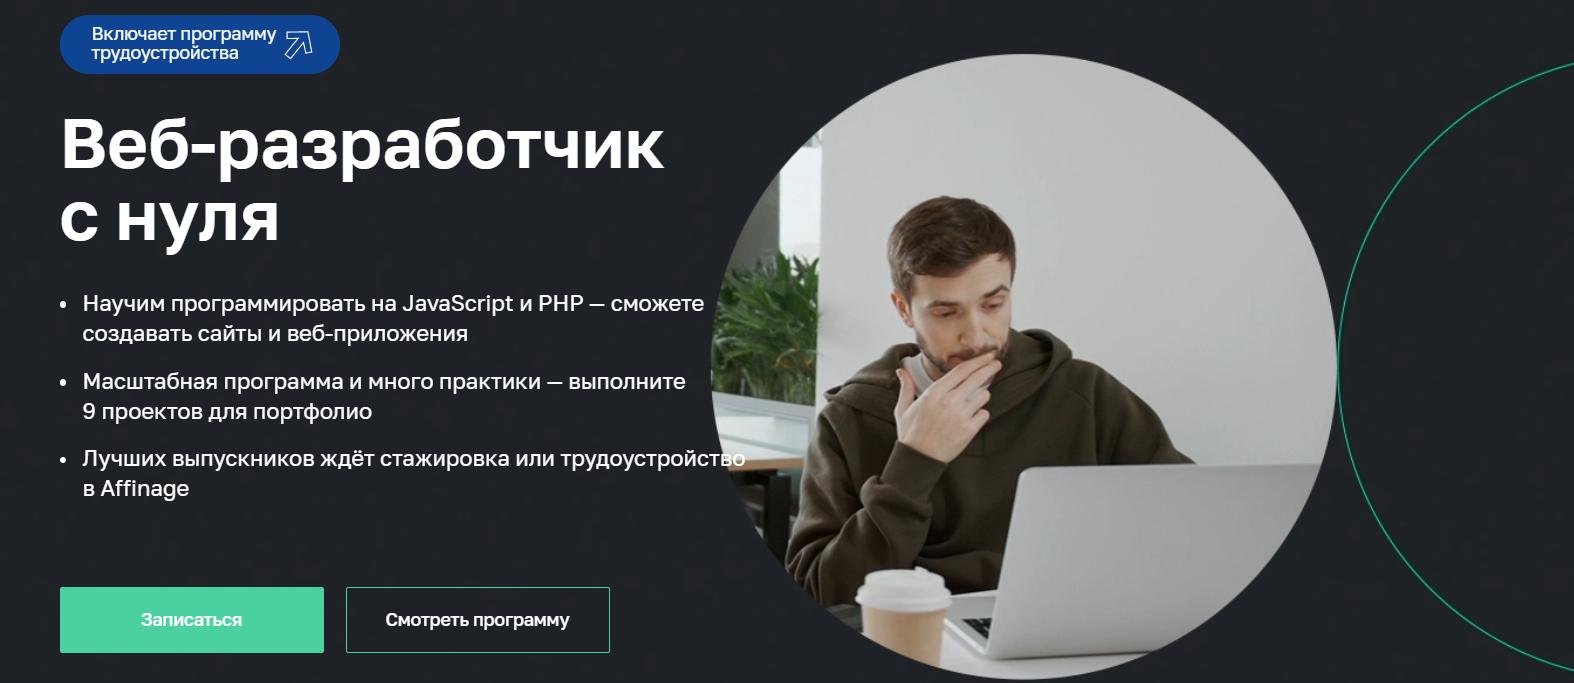 Записаться на курс - Веб-разработчик с нуля от Нетологии